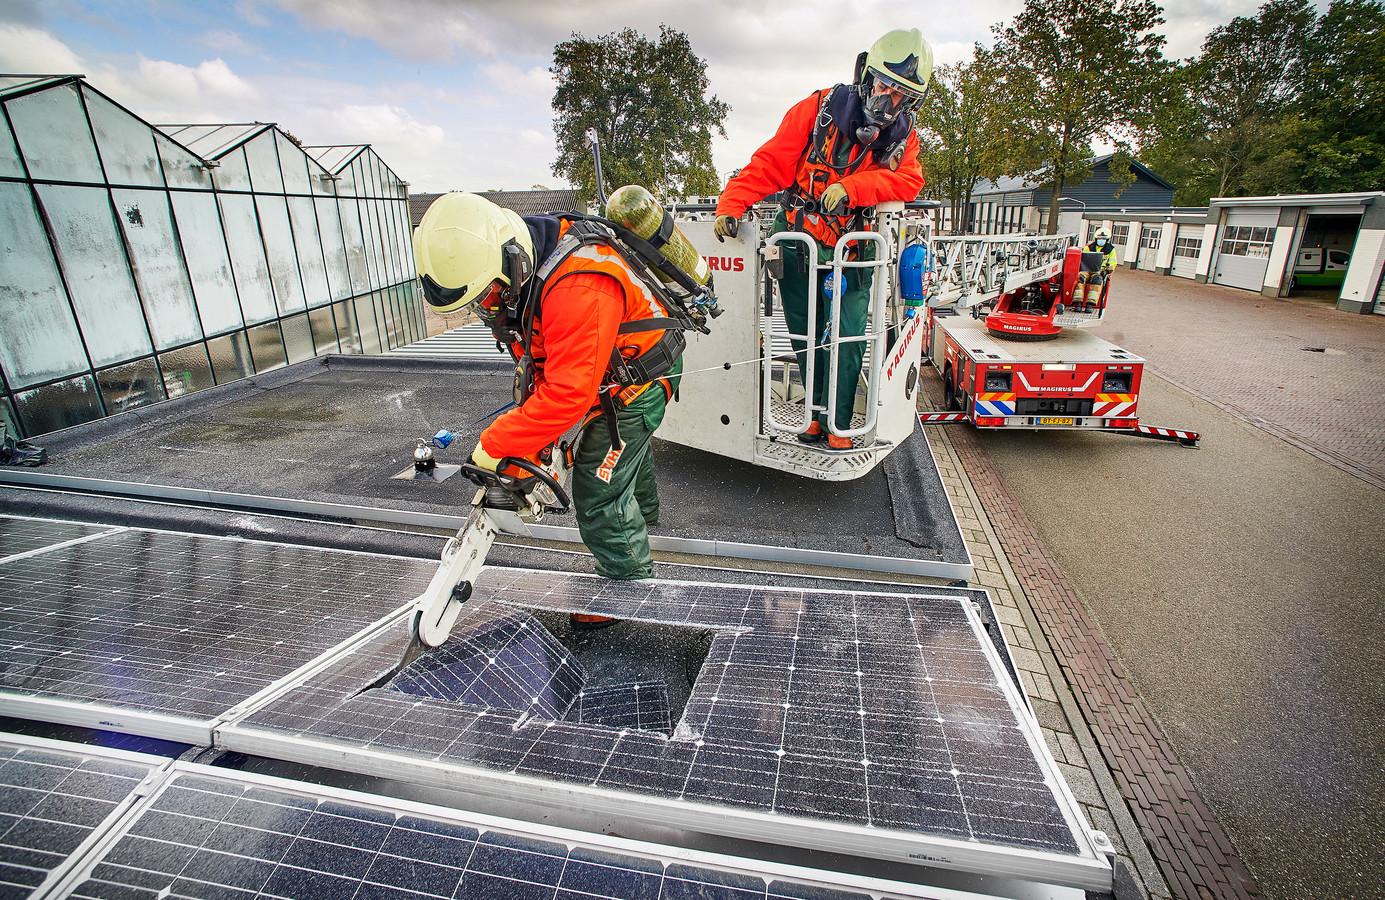 Op het dak van het fietsenhok oefent de Udense brandweer op het doorzagen van zonnepanelen. Met de 'Multicut' is er snel een gat gemaakt.